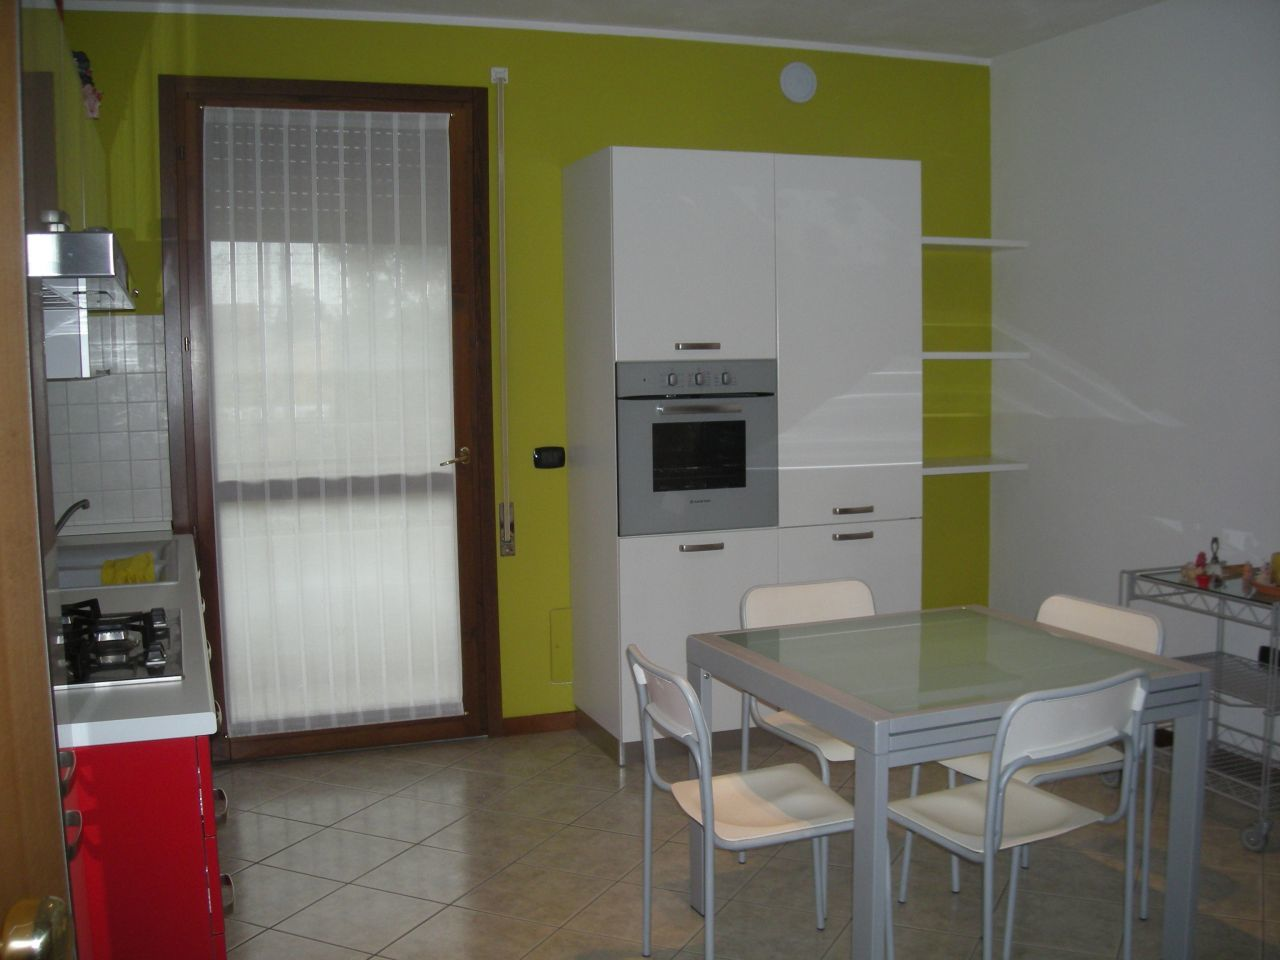 Appartamento in vendita a San Martino di Lupari, 2 locali, prezzo € 72.000 | CambioCasa.it